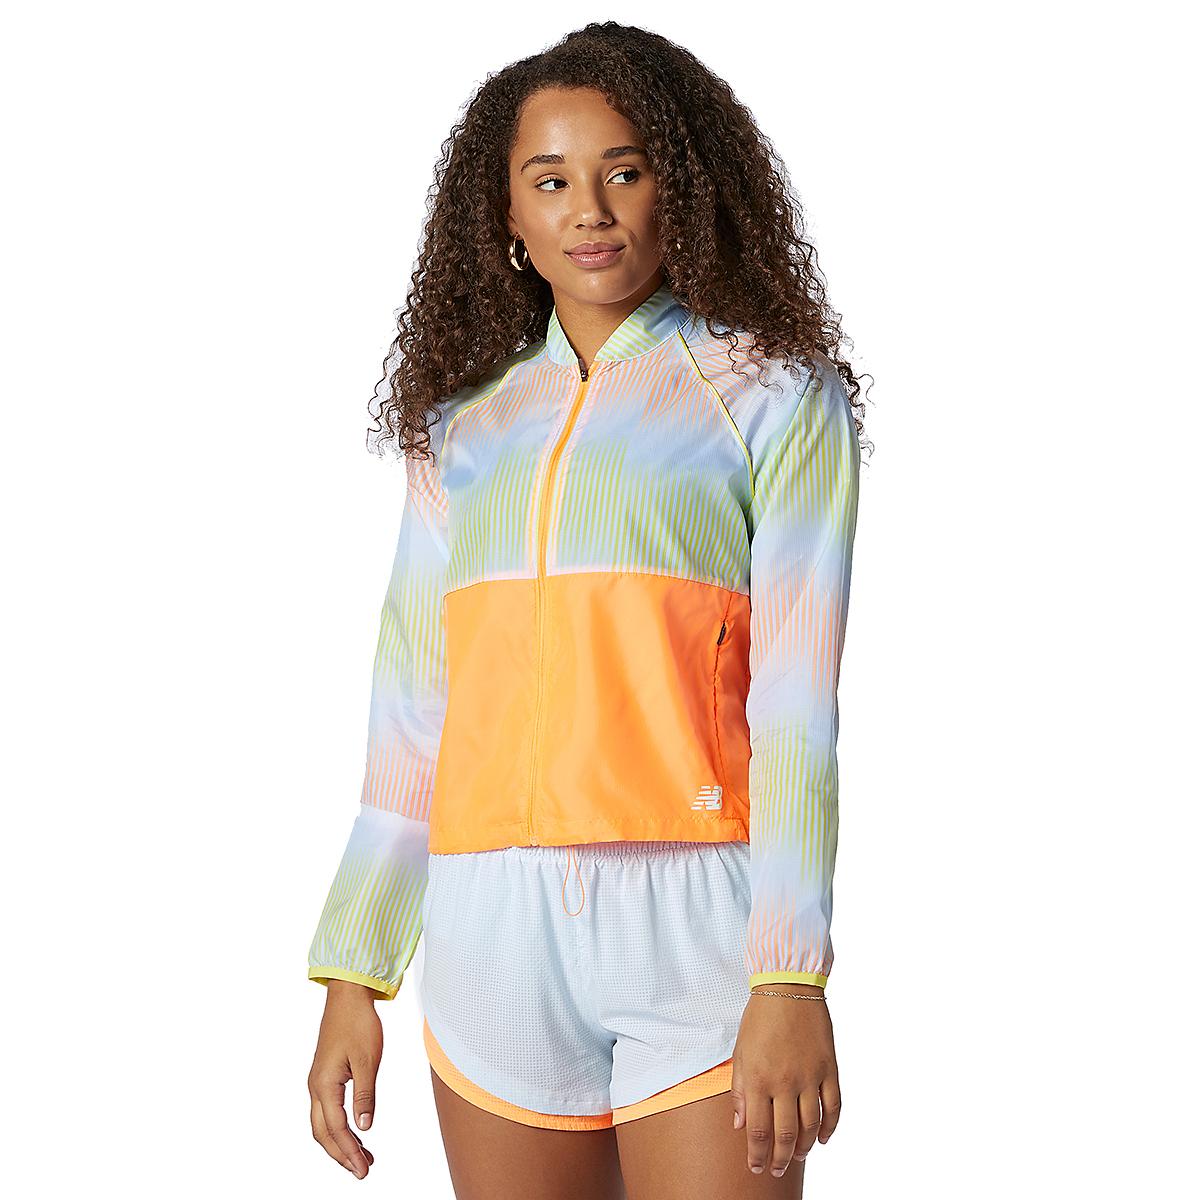 Women's New Balance Fast Flight Jacket - Color: Citrus Punch - Size: XS, Citrus Punch, large, image 1